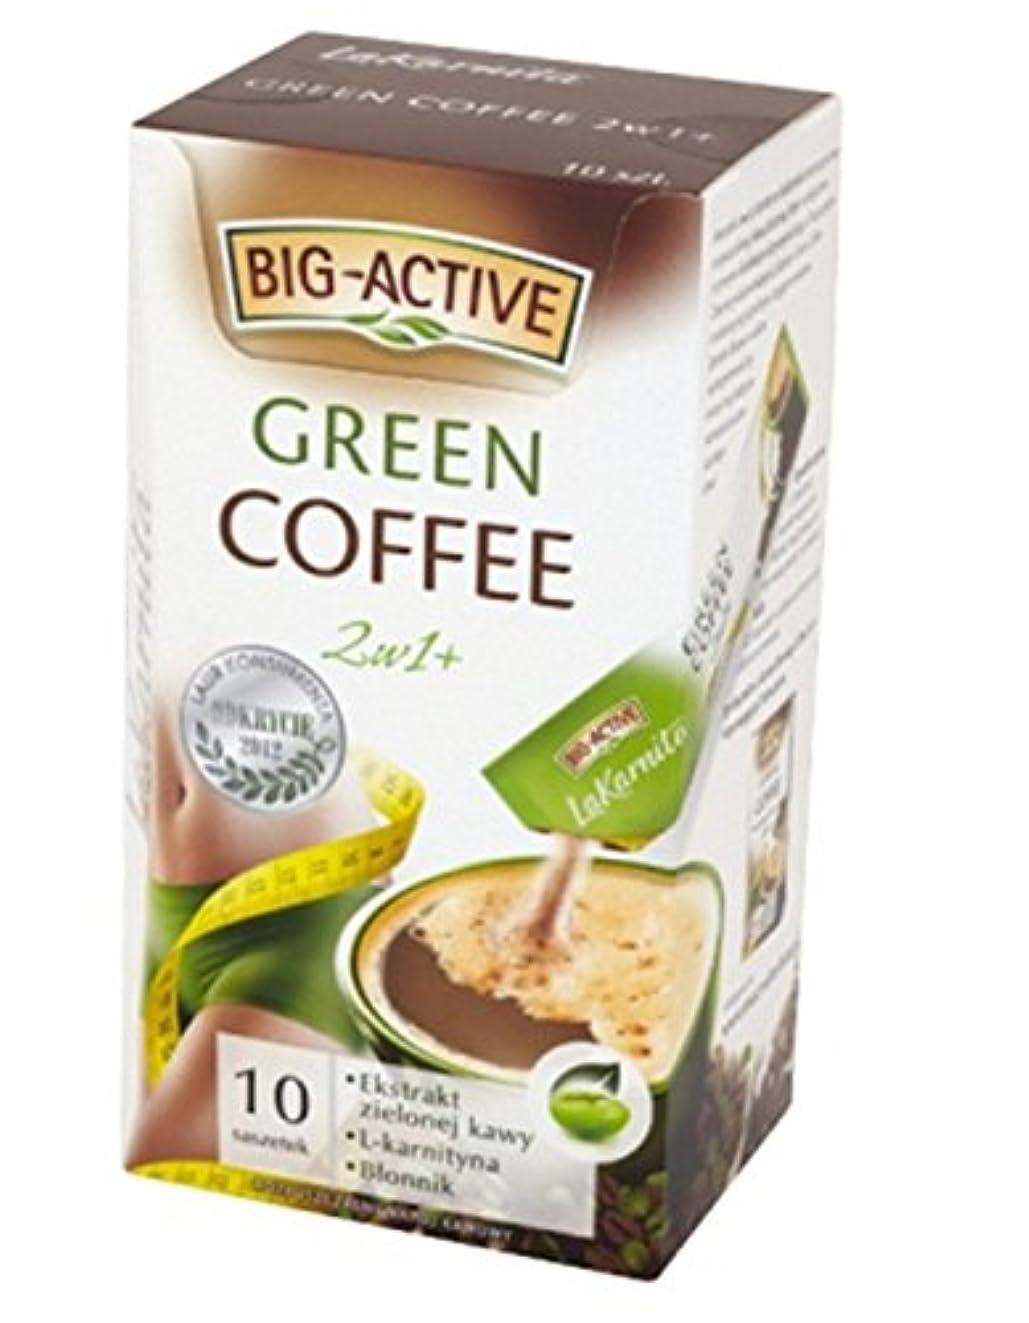 アスペクト失礼フレッシュスリミン グリー グコーヒー/5 boxes Big Active La Karnita Green Coffee Slimming Sachet 2 IN 1